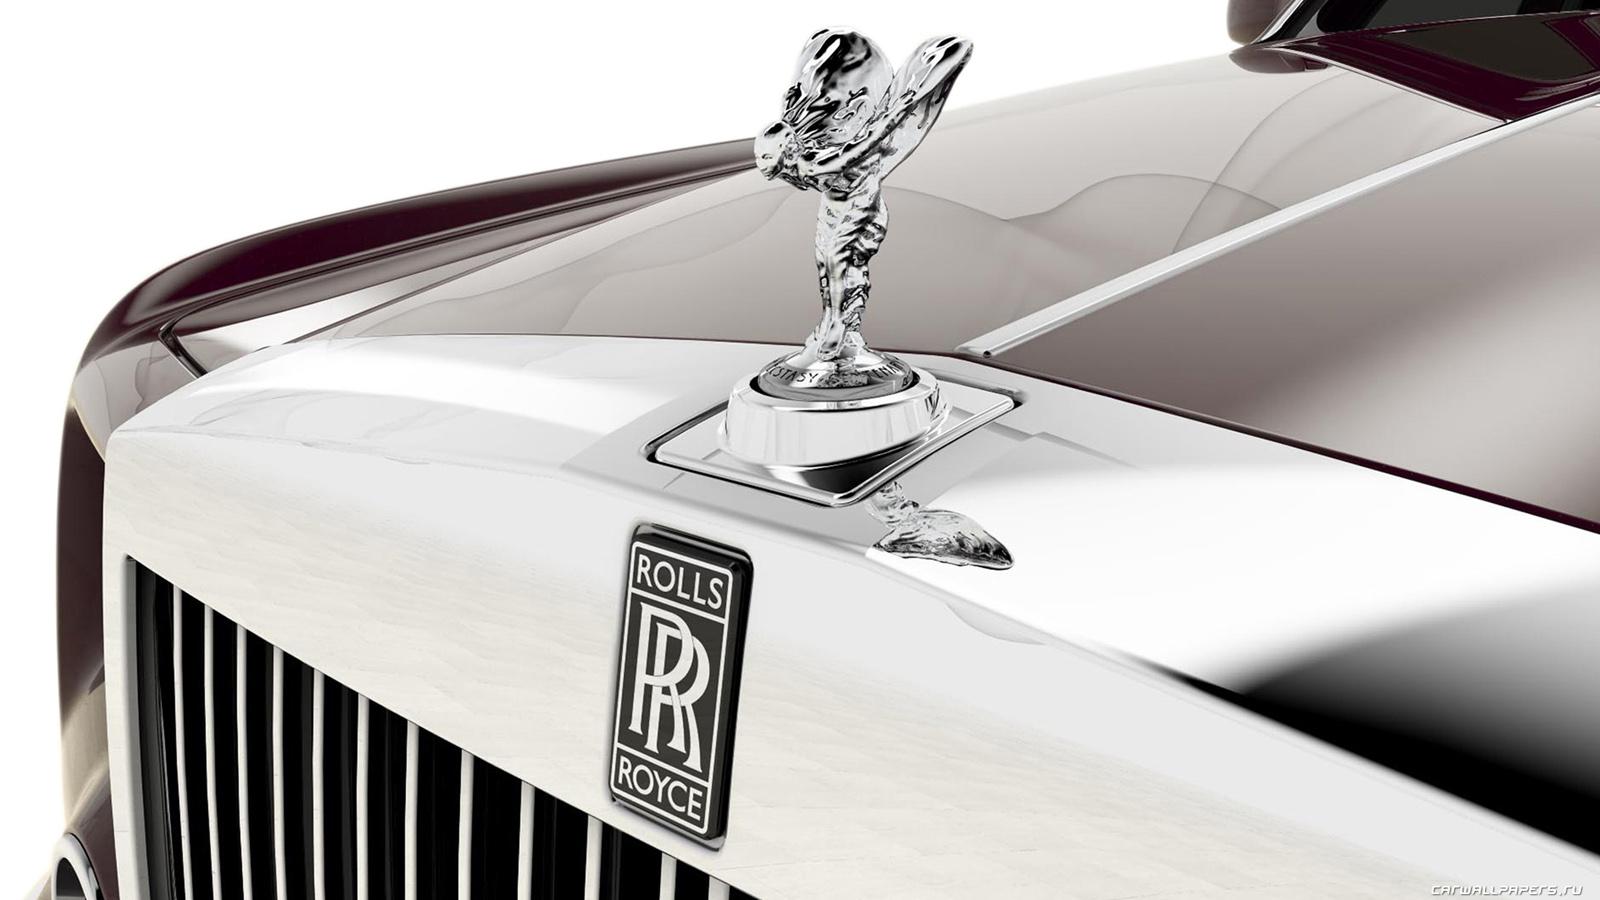 Rolls royce logo wallpaper